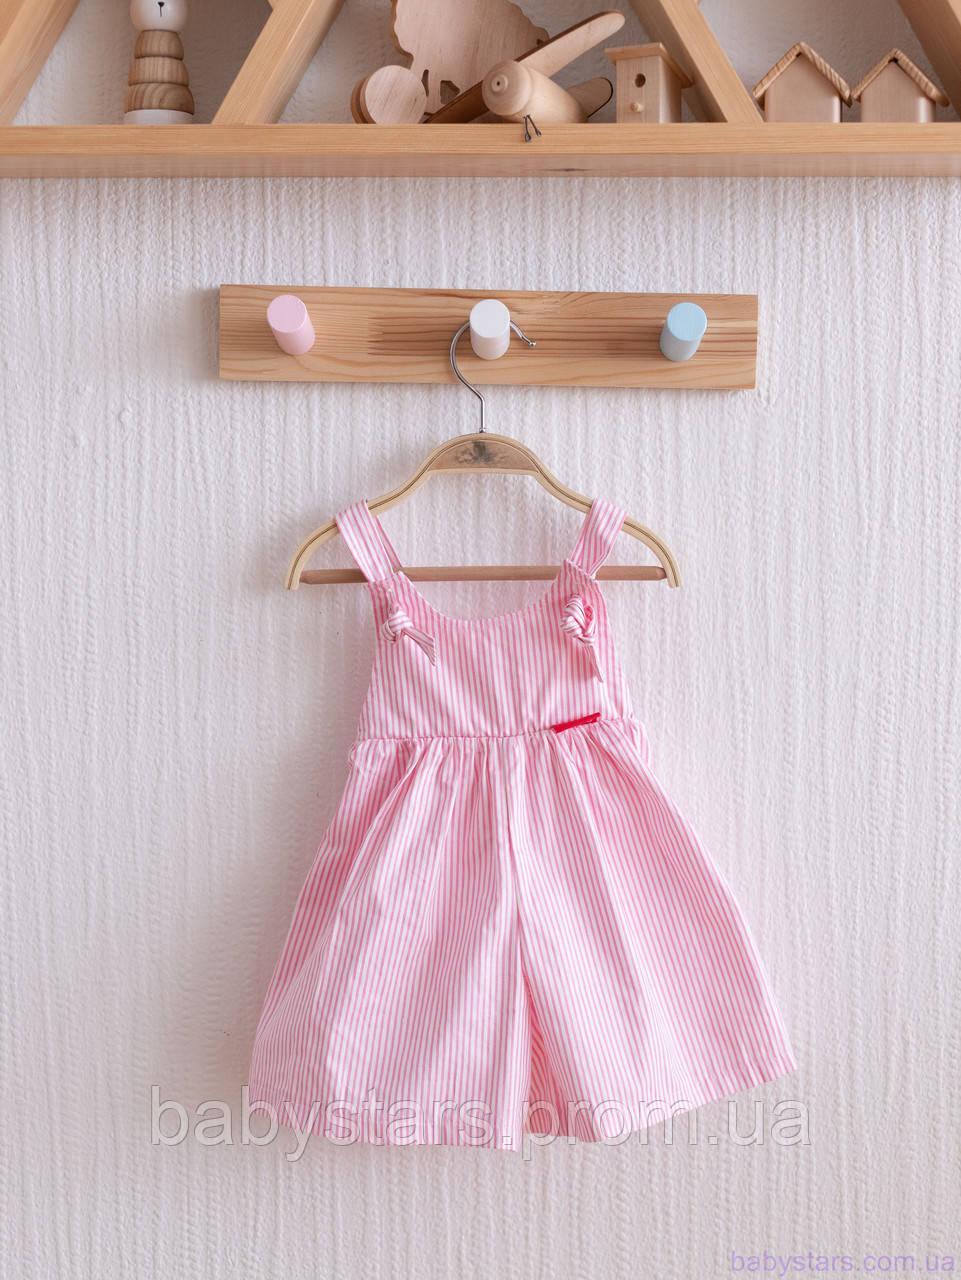 """Детские кюлоты """"Emily"""", бело-розовая полоска. Размеры: от 62 до 80"""